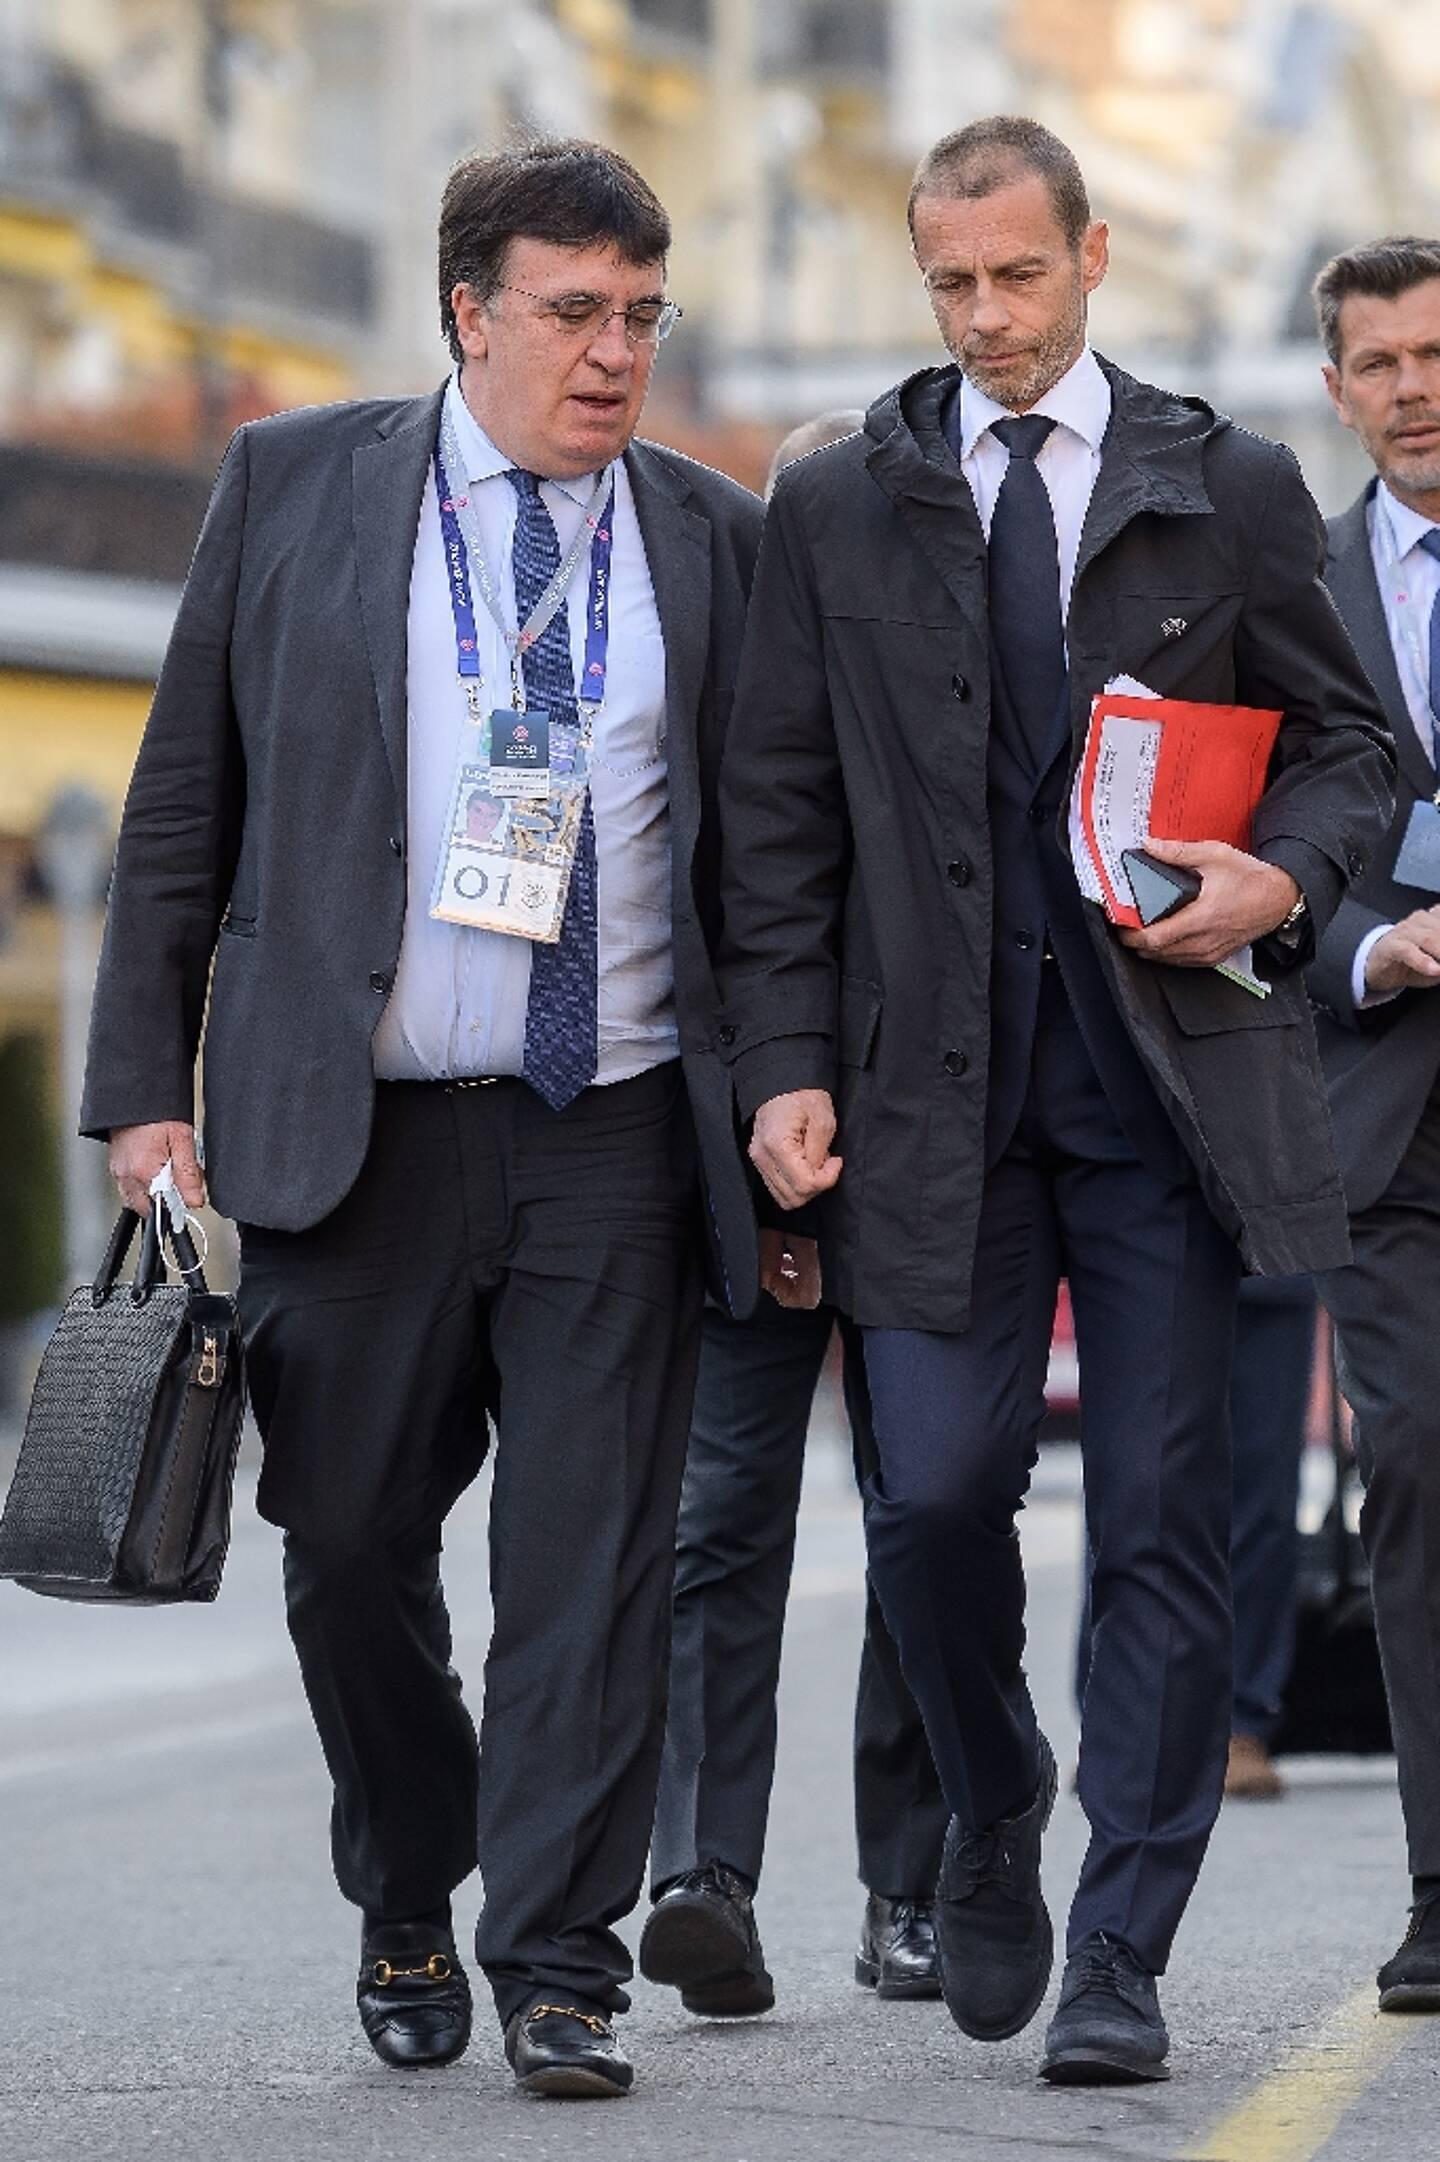 Le président de l'UEFA Aleksander Ceferin (D) et le secrétaire général  Theodore Theodoridis à Montreux (Suisse) le 20 avril 2021